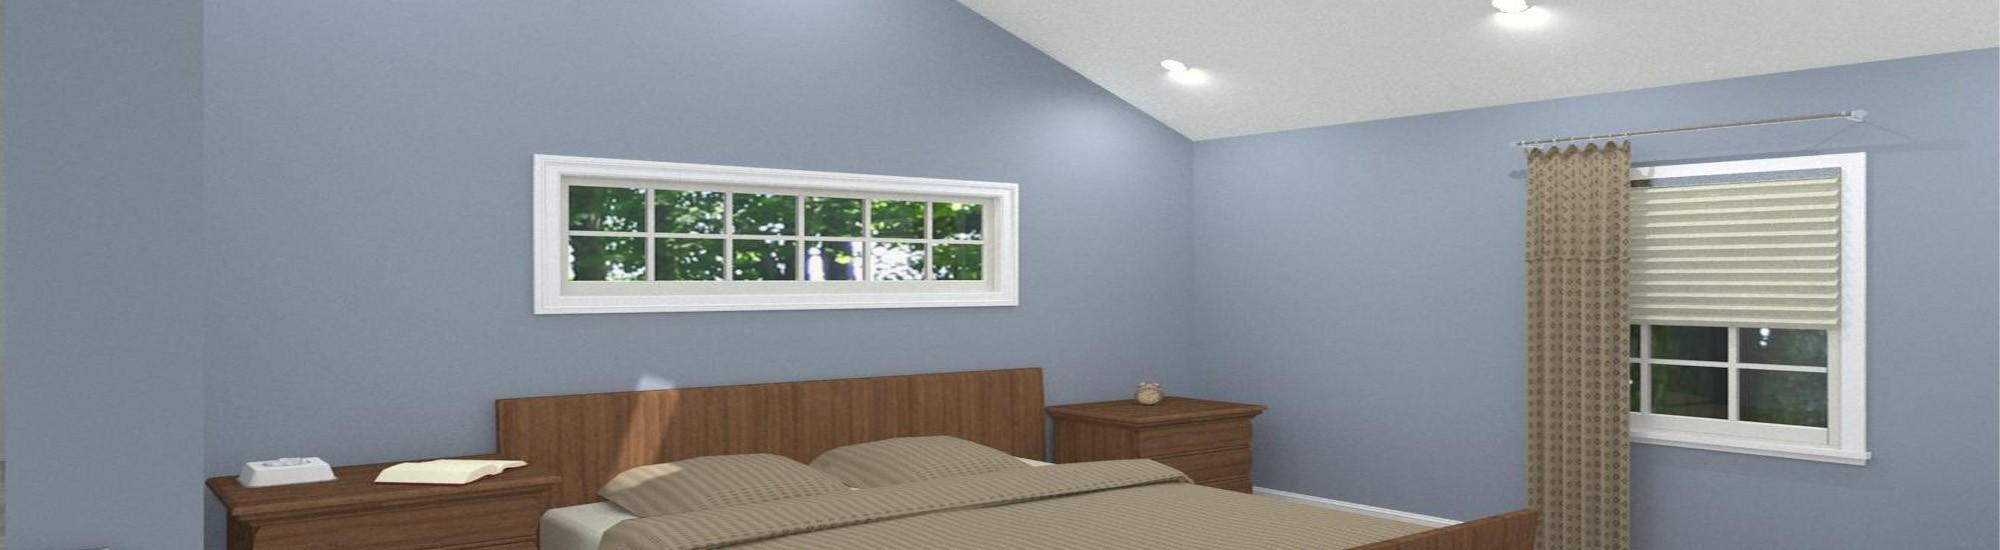 Design Build Pros Interior (1)